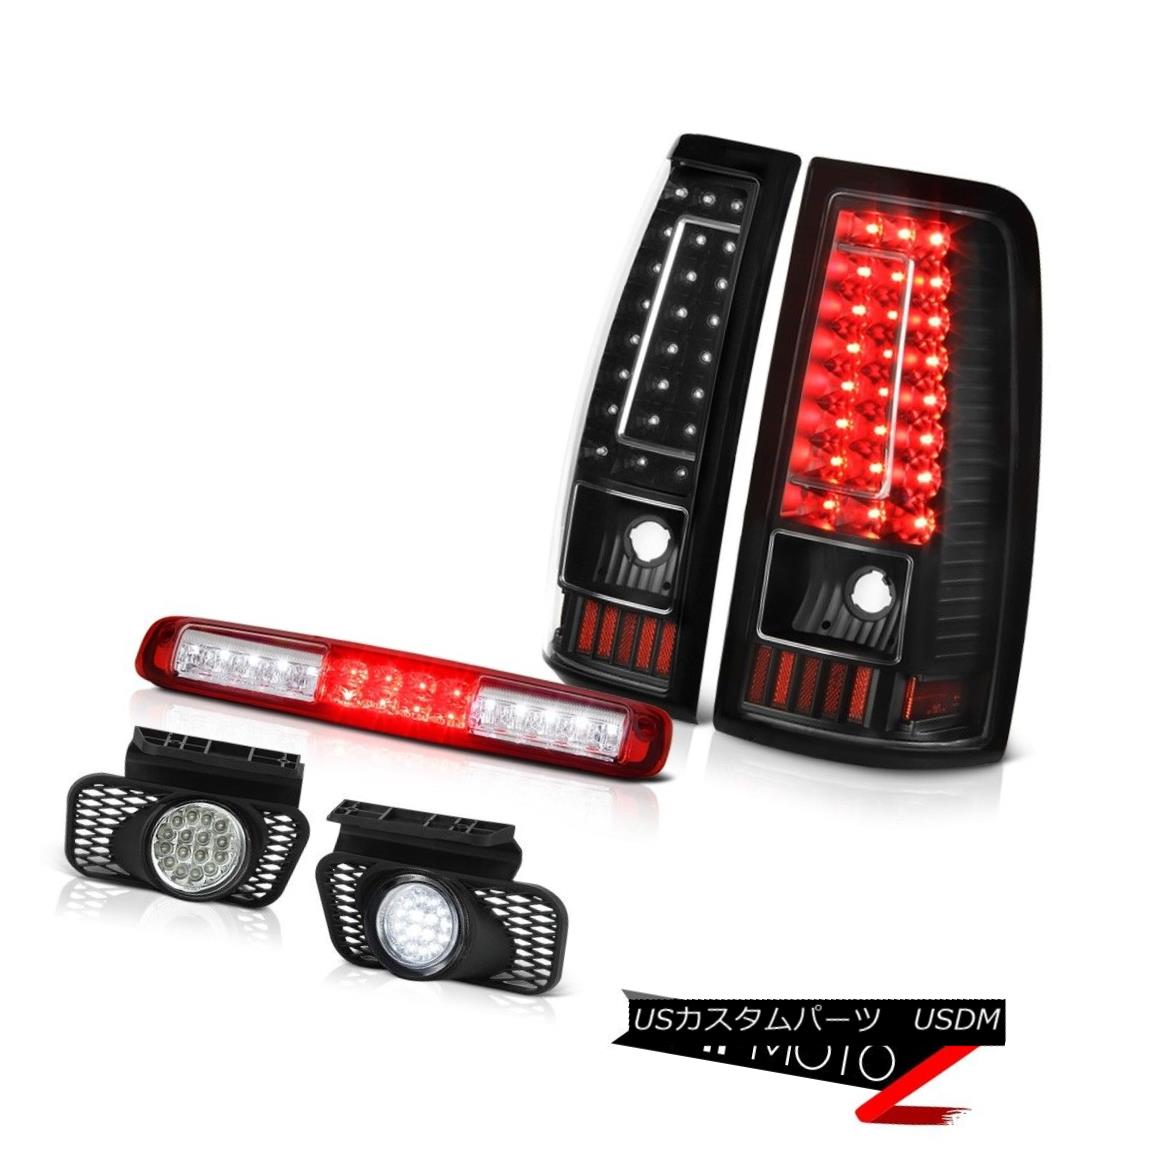 テールライト 2003-2006 Silverado Red High Stop Lamp Crystal Clear Fog Lamps Matte Black Tail 2003-2006シルヴァードレッドハイストップランプクリスタルクリアフォグランプマットブラックテール